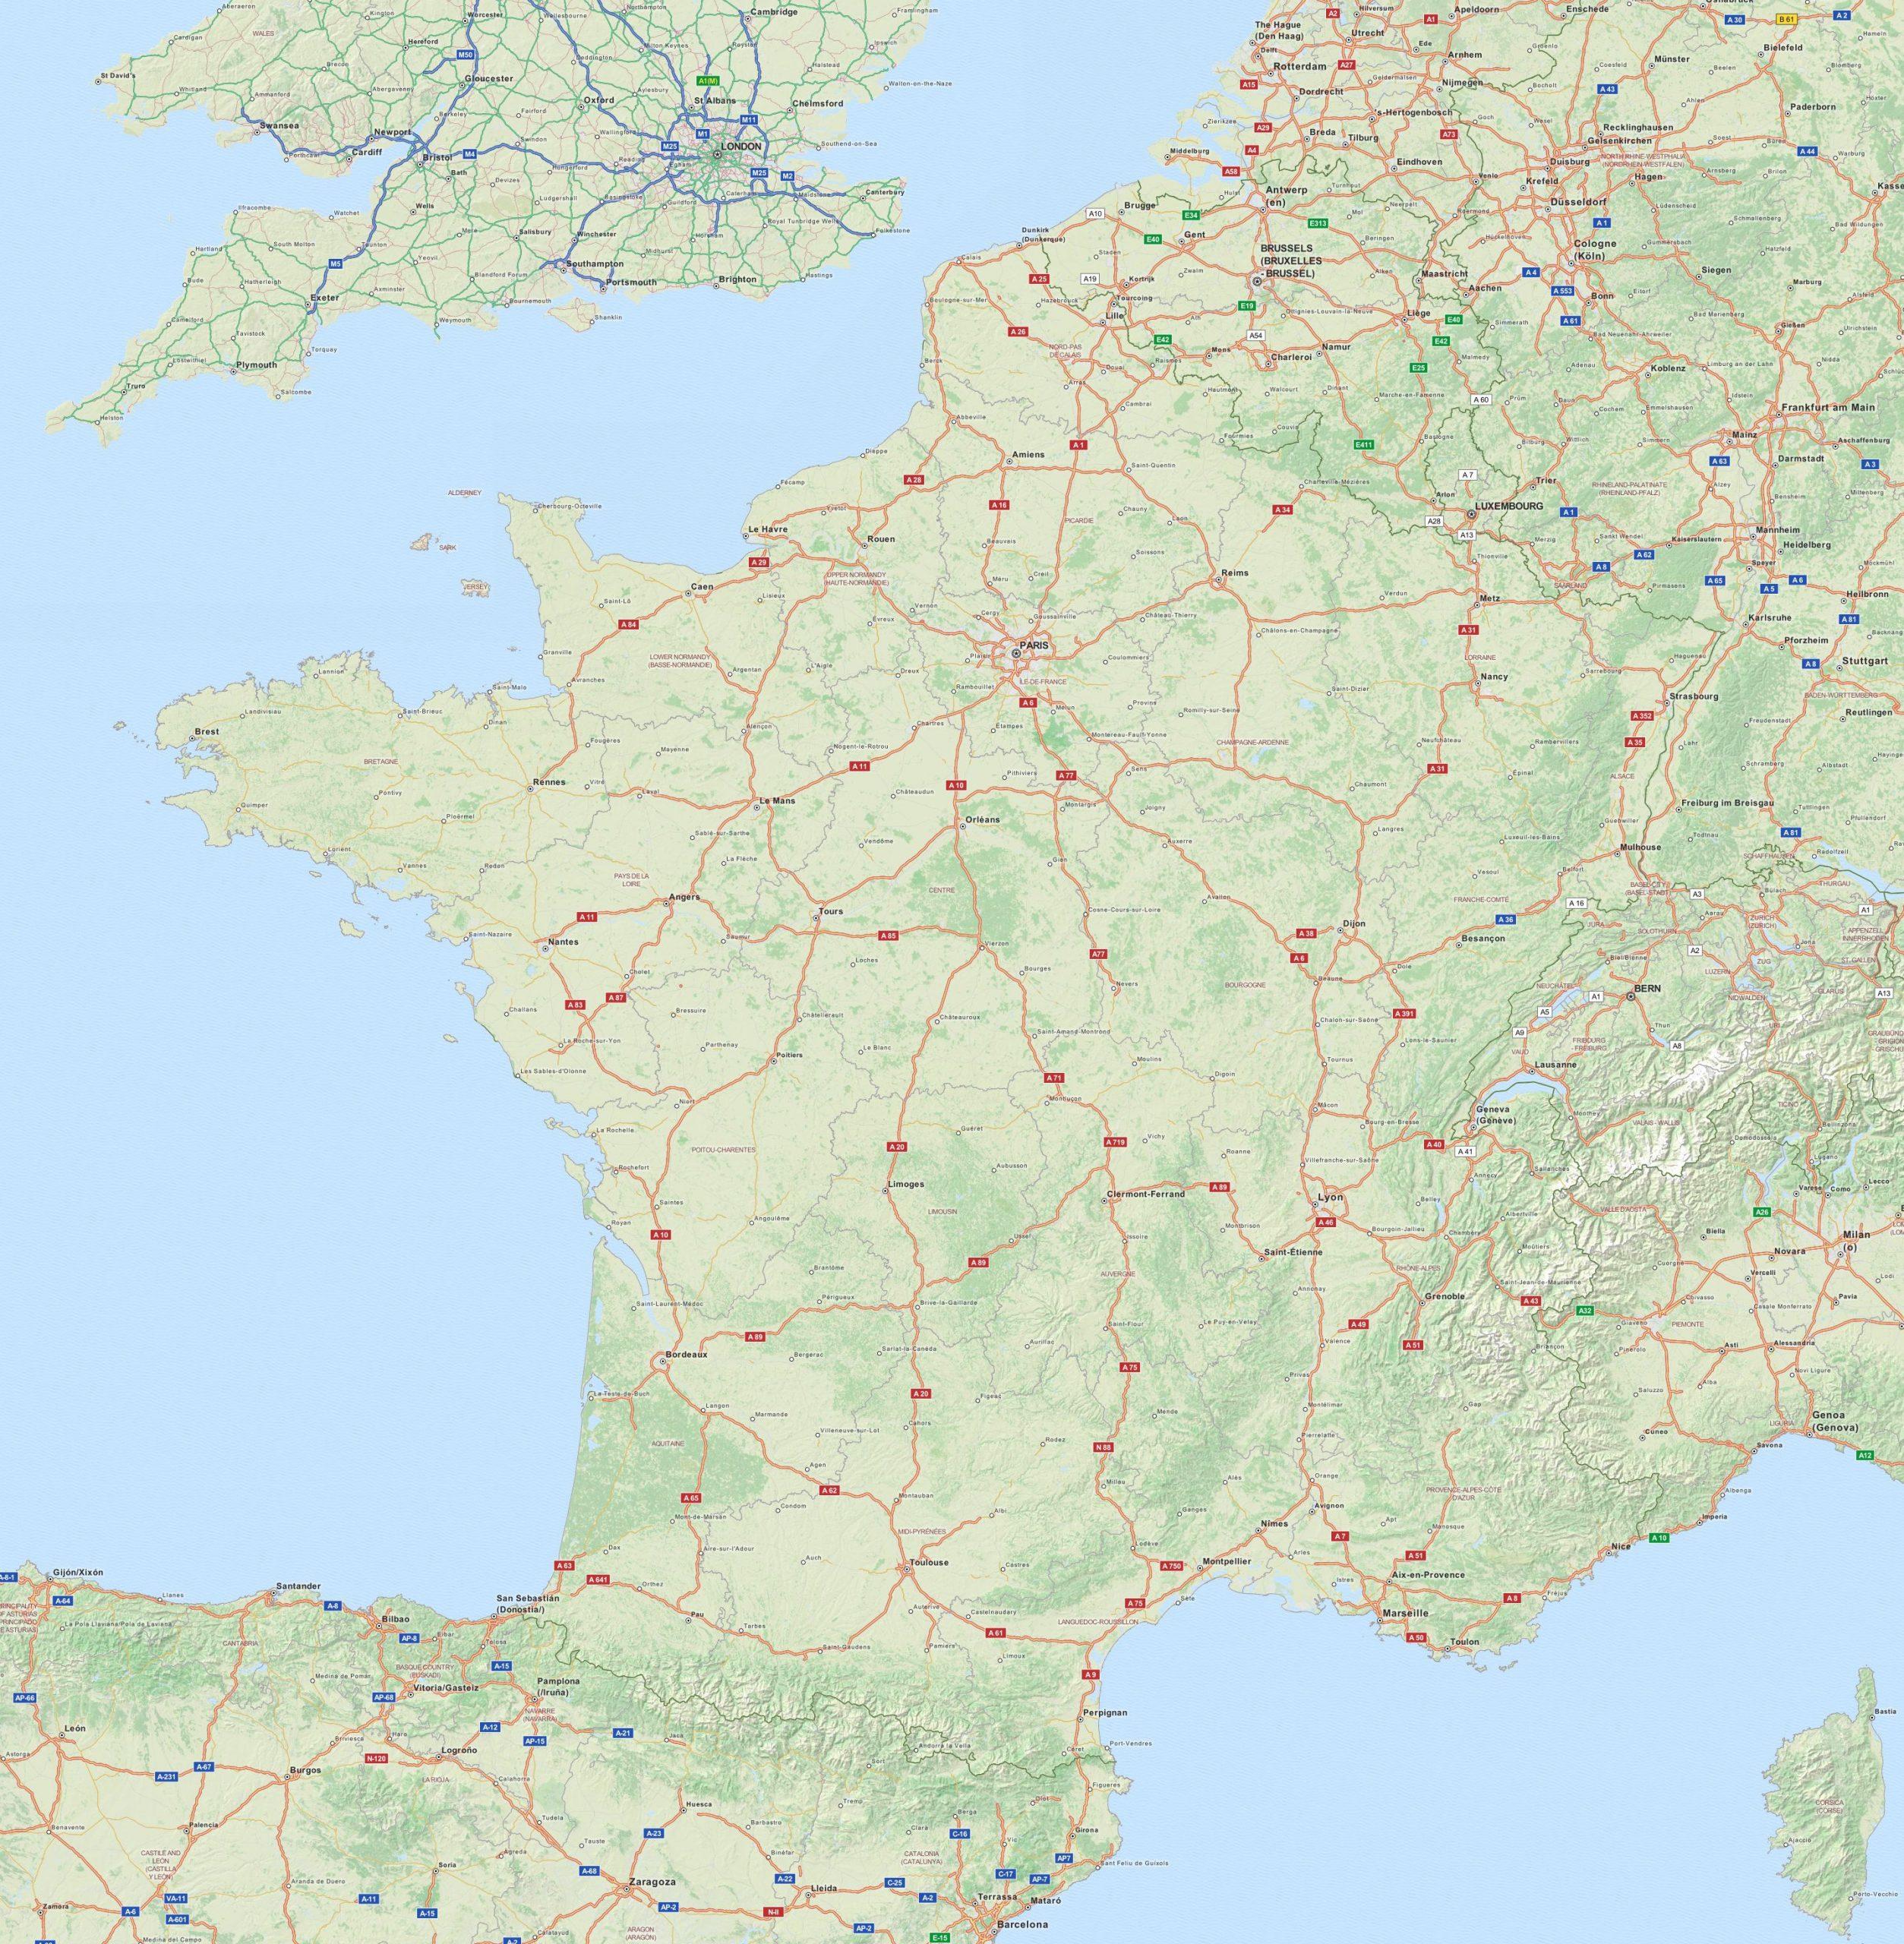 Calcul D'itineraire Routier - Carte Routière De France tout Carte Routiere France Gratuite